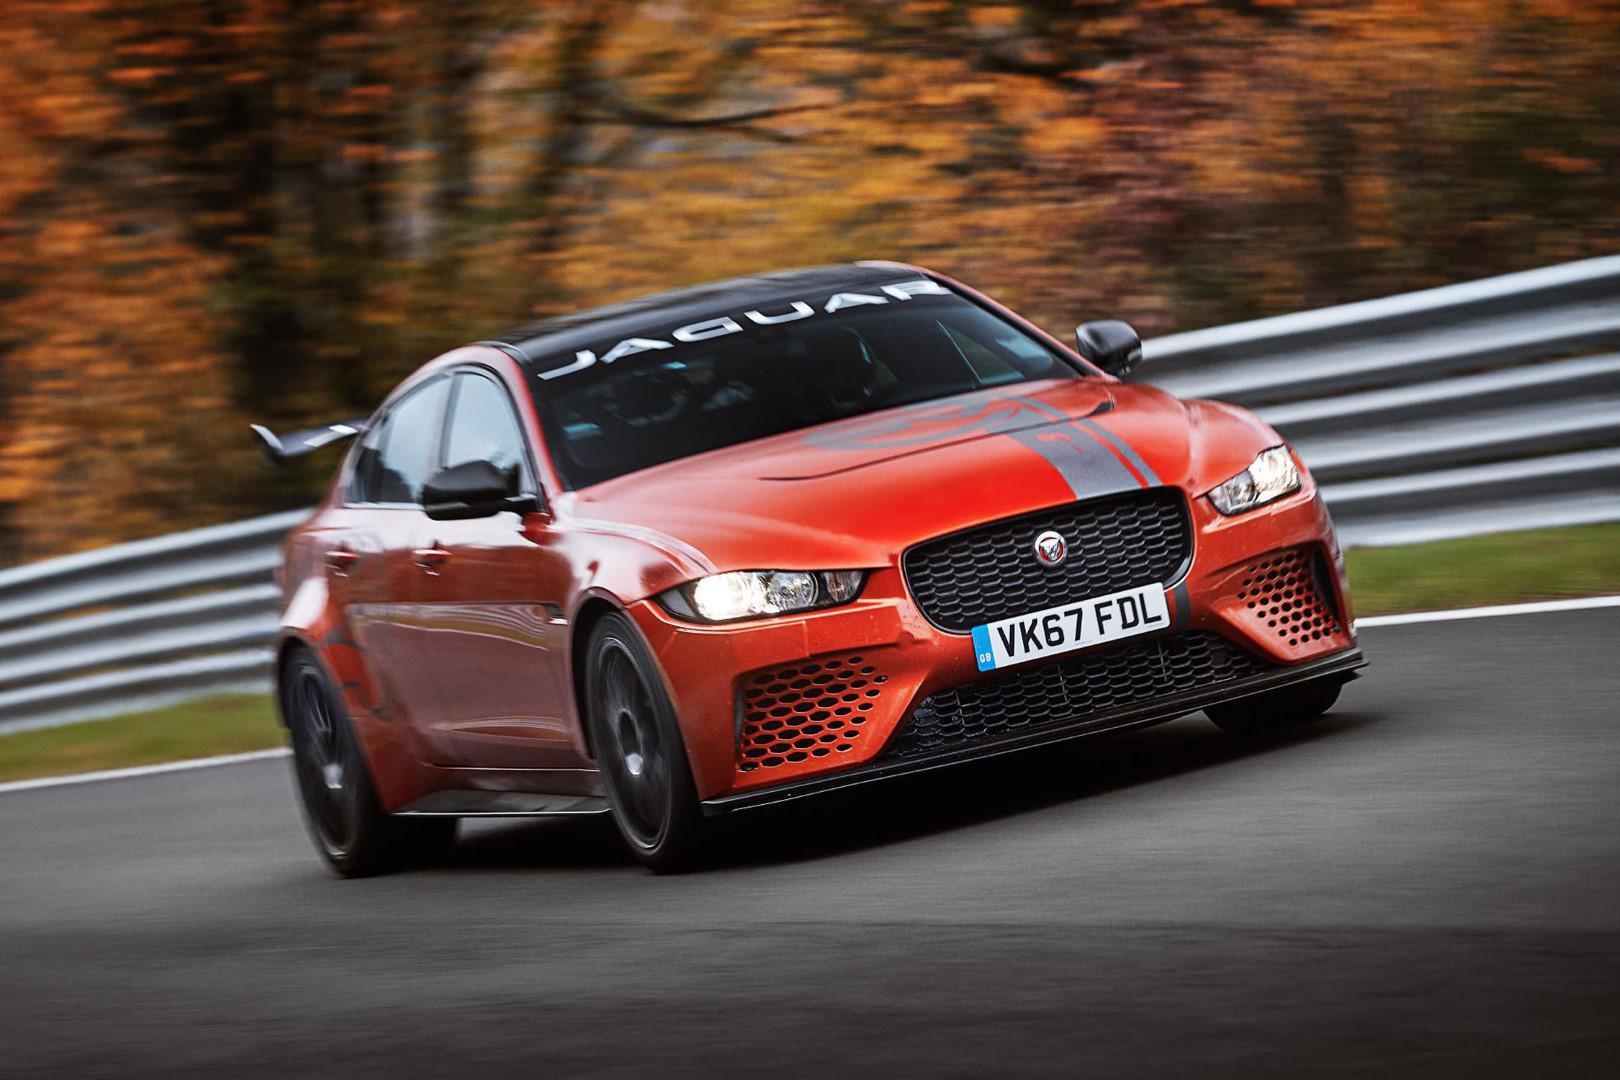 jaguar-xe-sv-project-8-300-exemplaires-de-la-berline-la-plus-rapide-jamais-realisee-par-jaguar-verront-le-jour-765-2.jpg